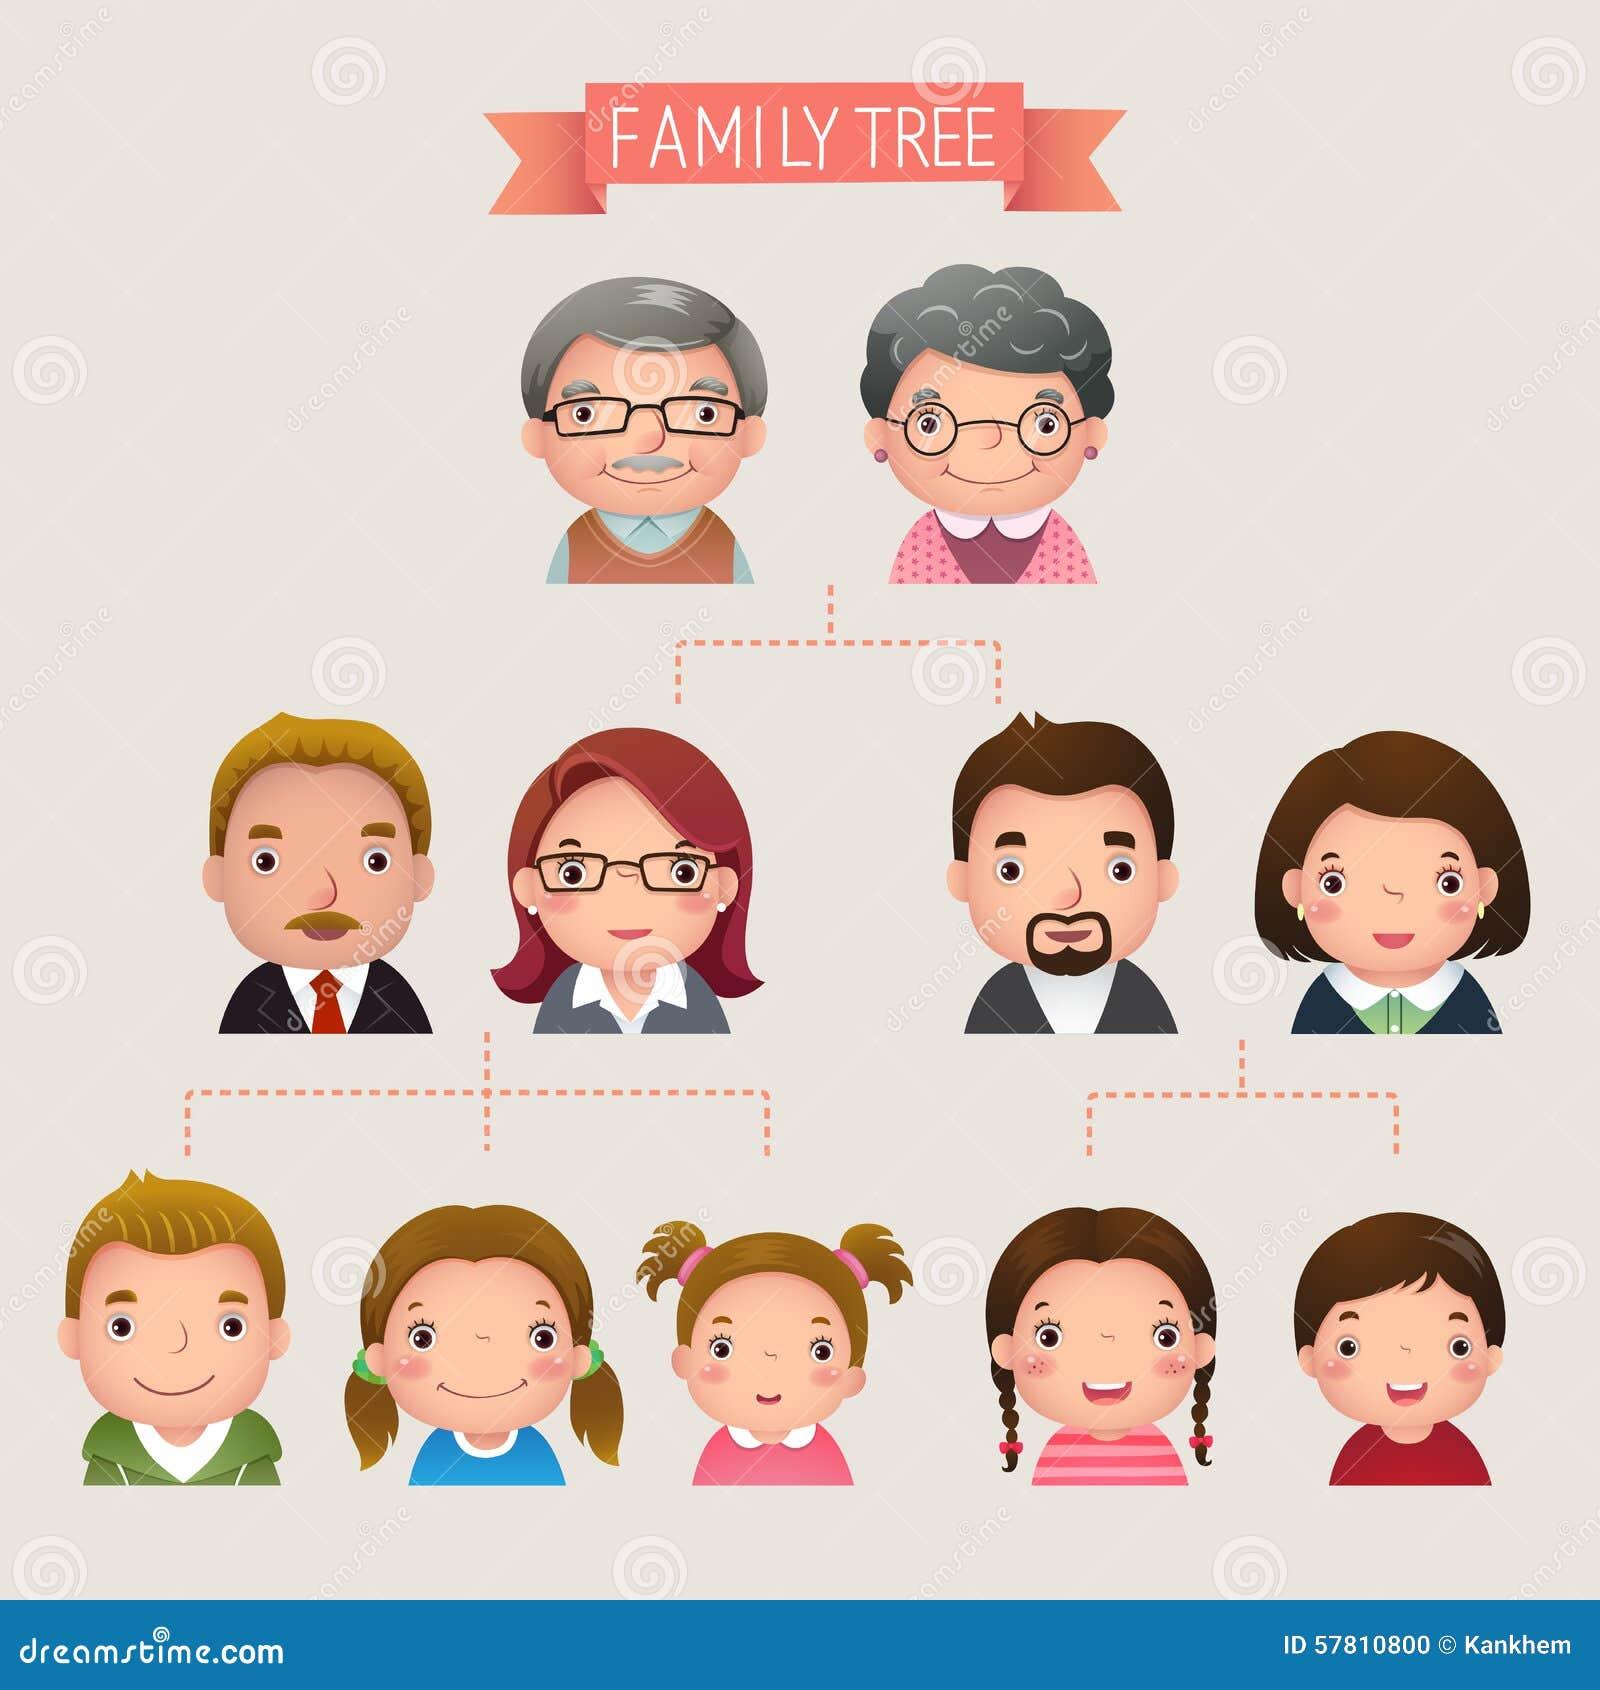 Family Tree Stock Vector - Image: 57810800